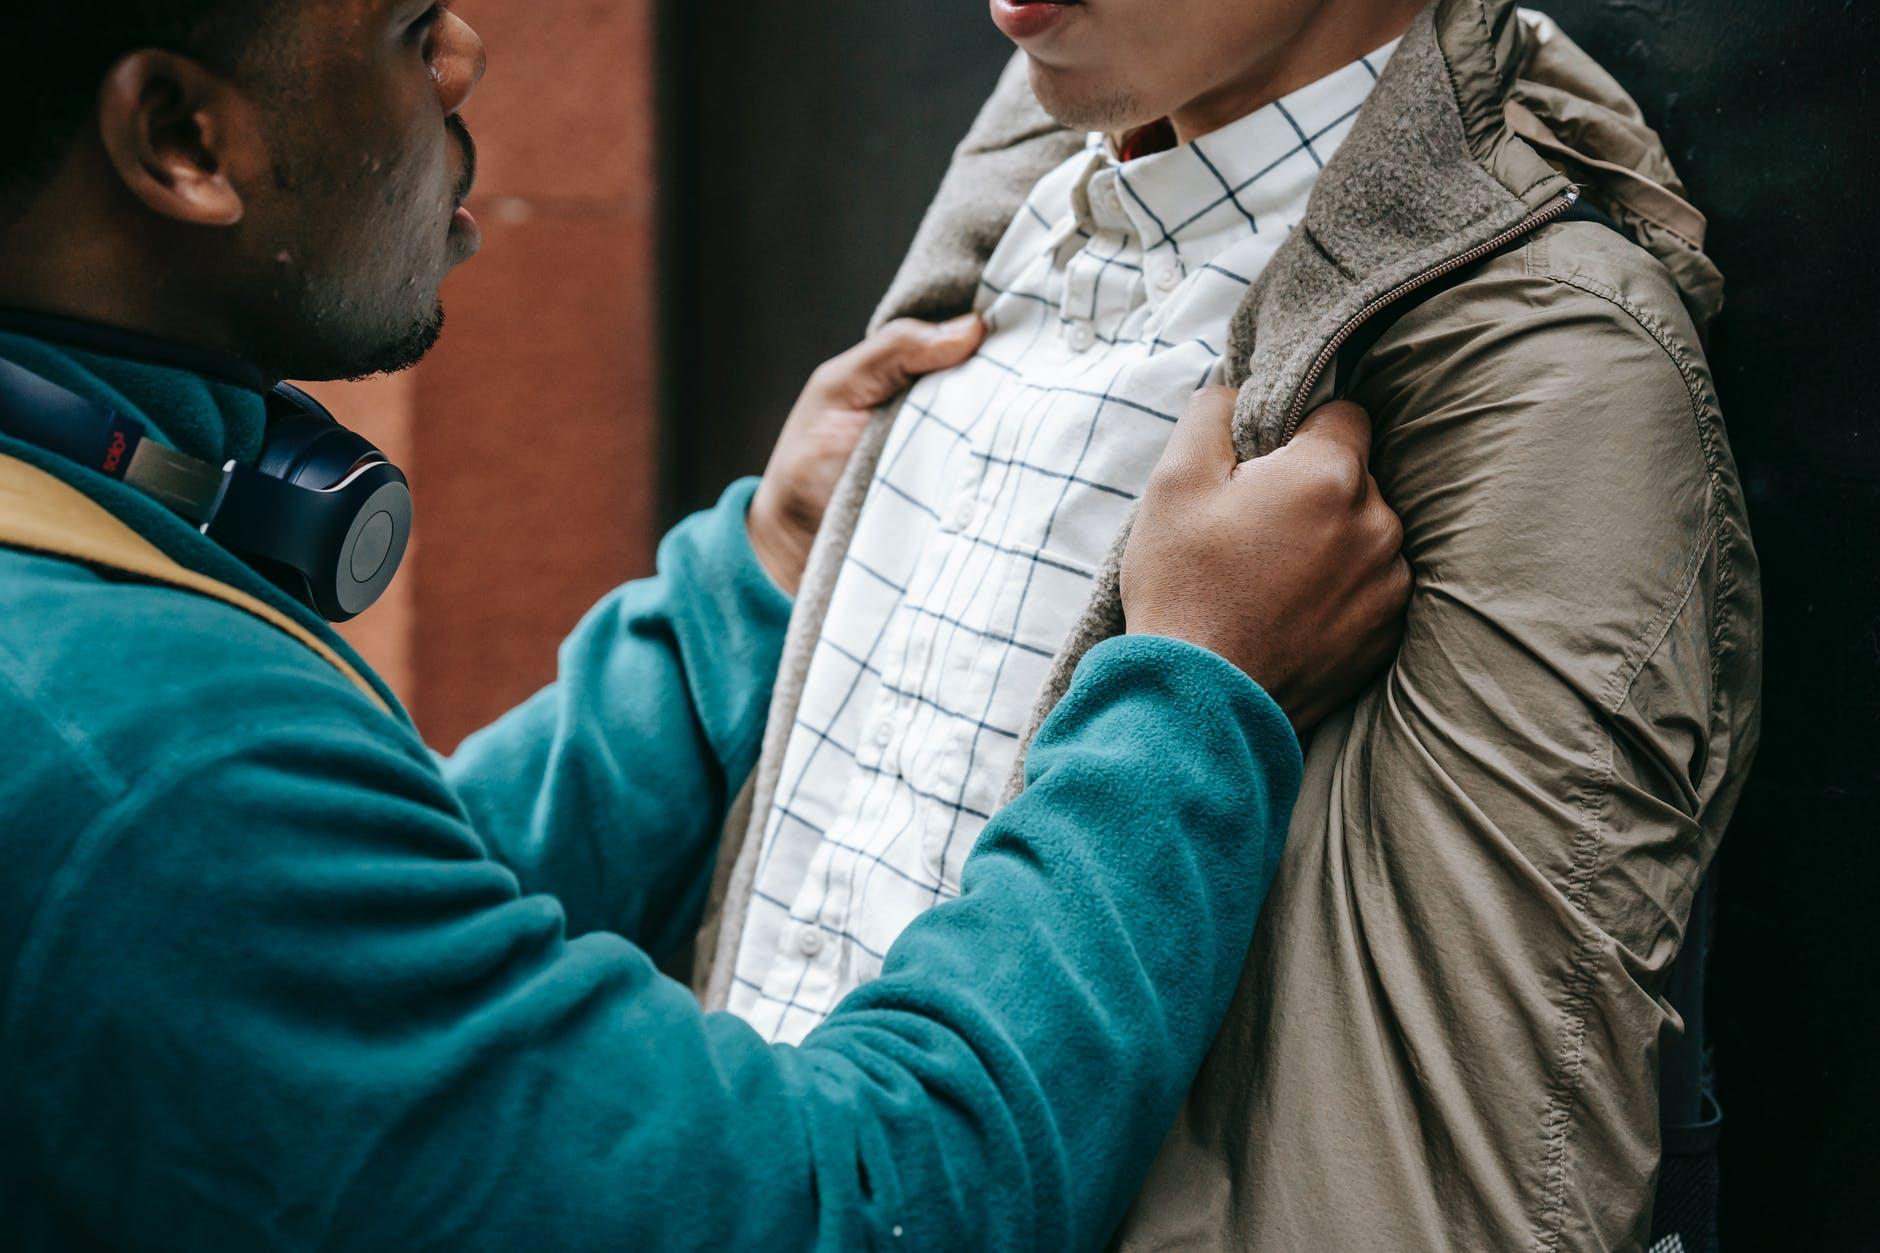 anonymous multiethnic men having conflict on street